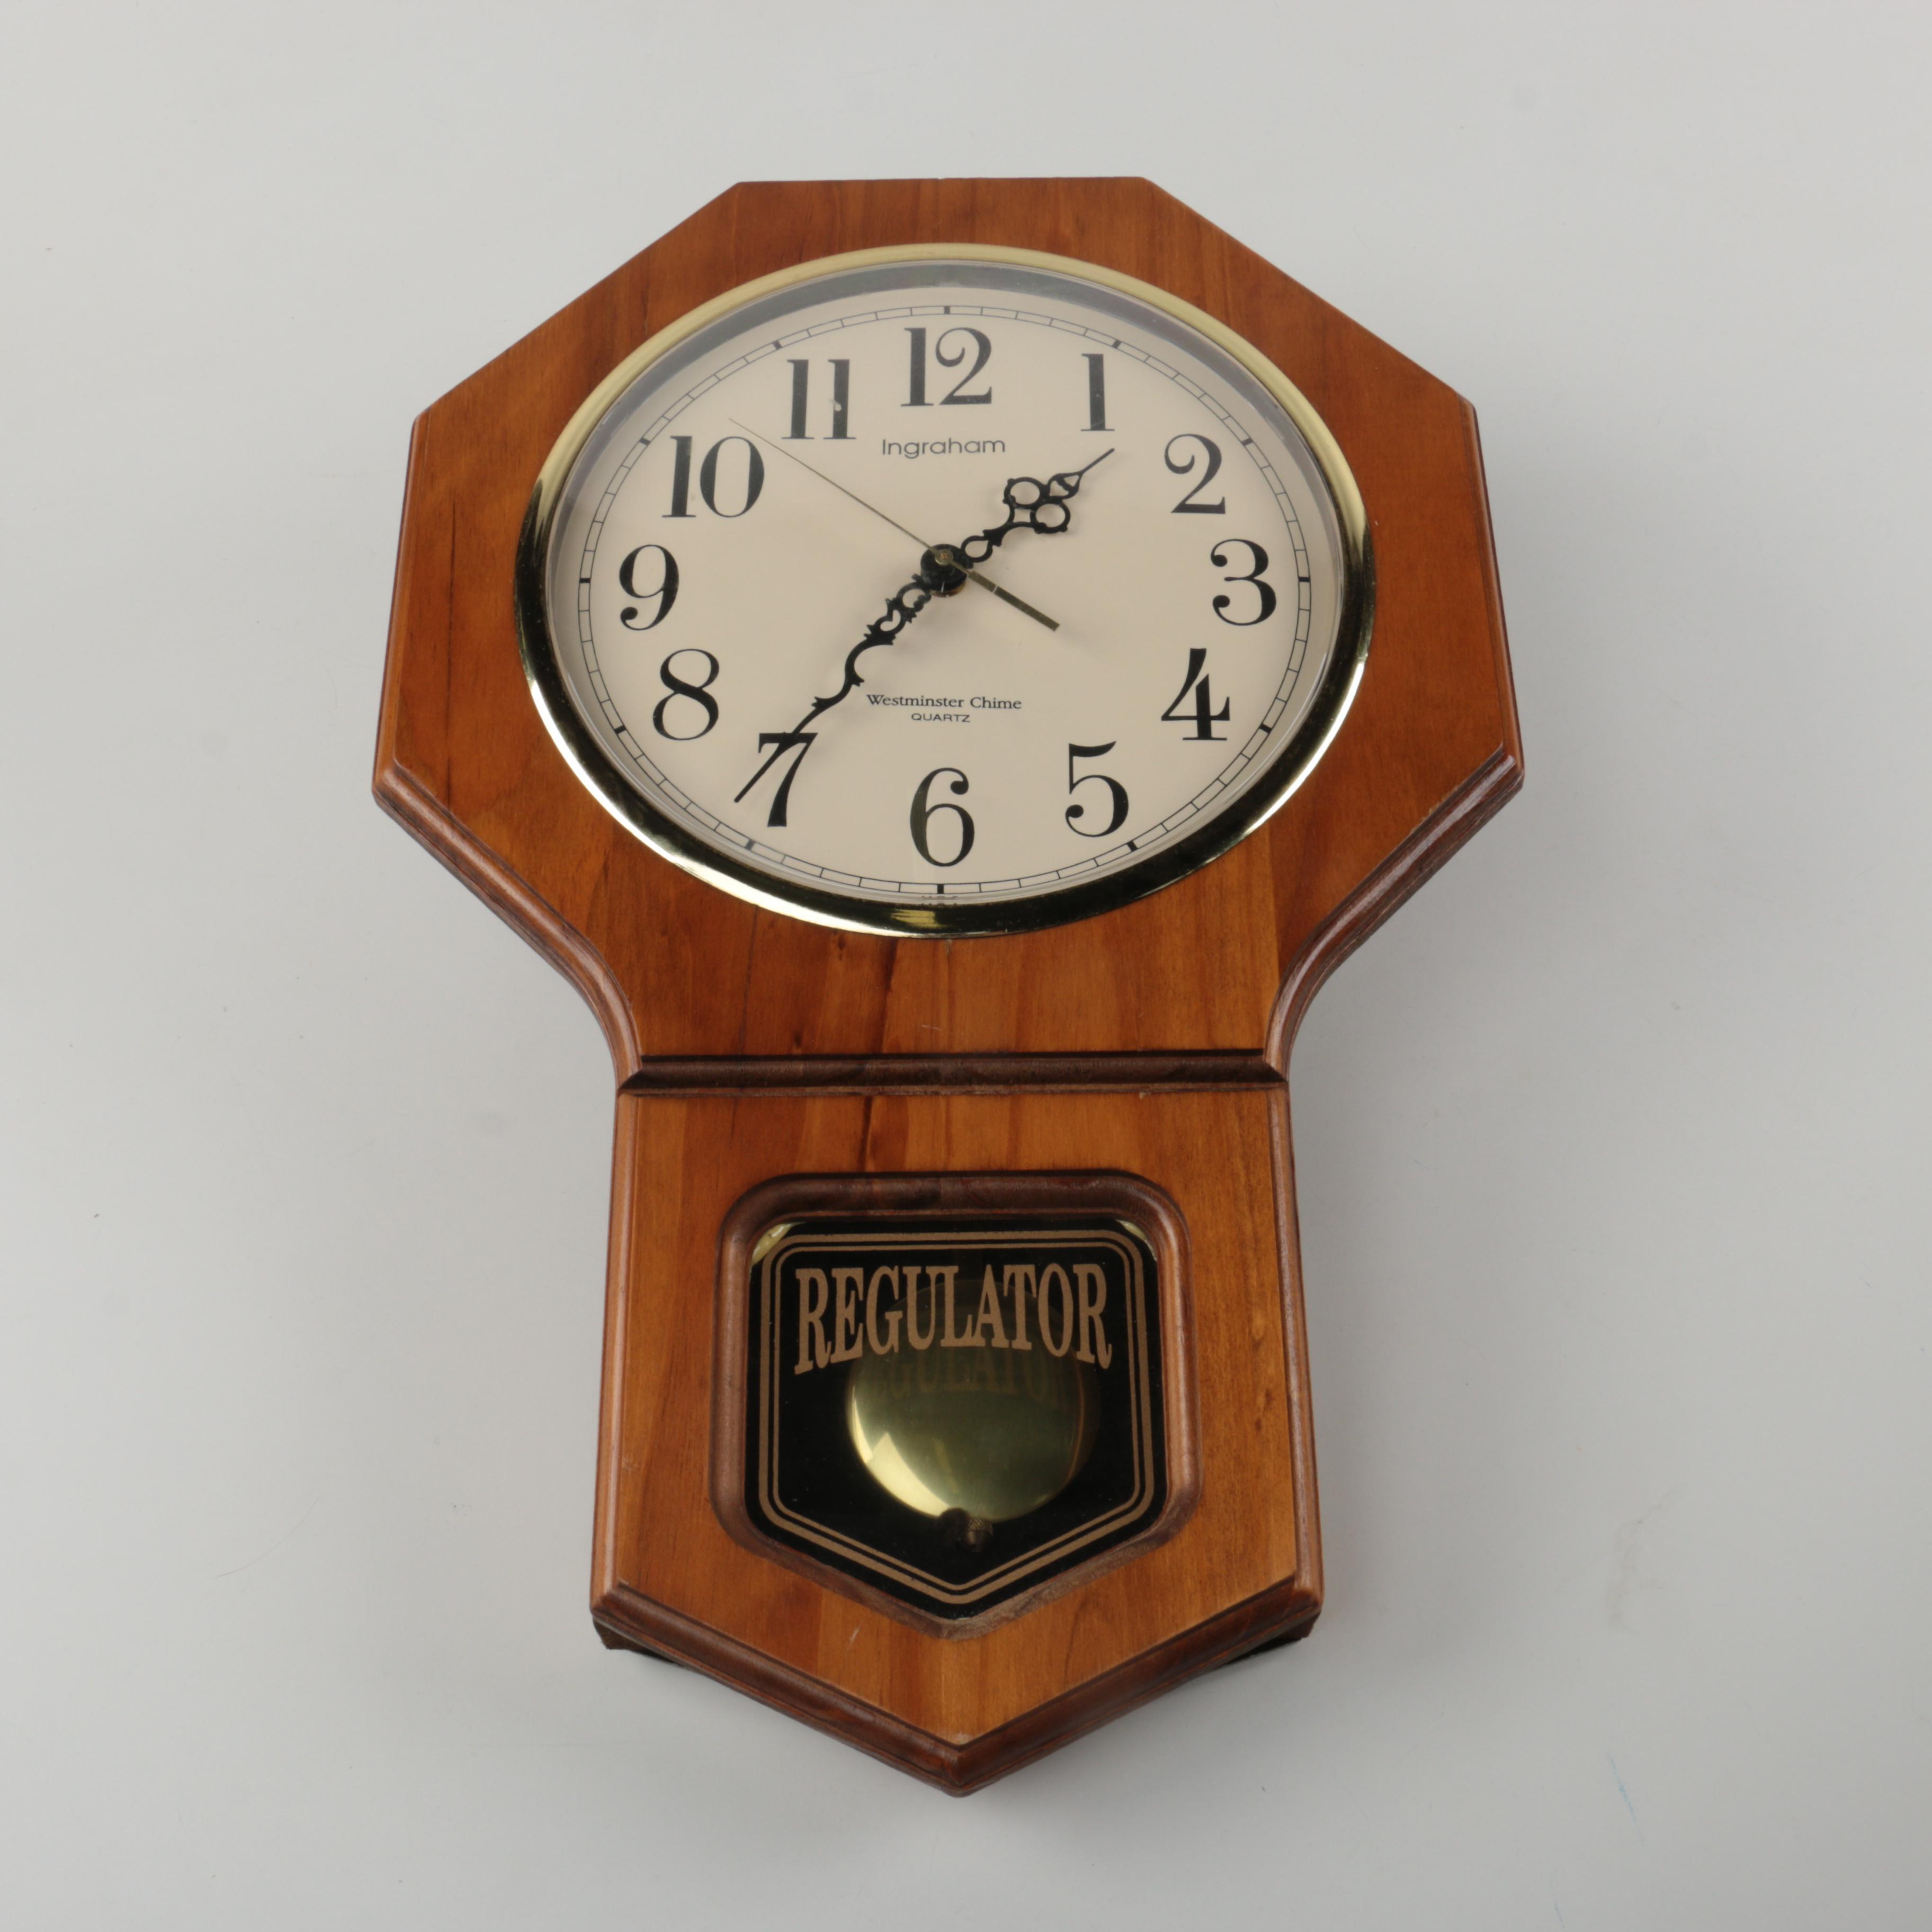 Ingraham Westminster Chime Quartz Regulator Wall Clock EBTH